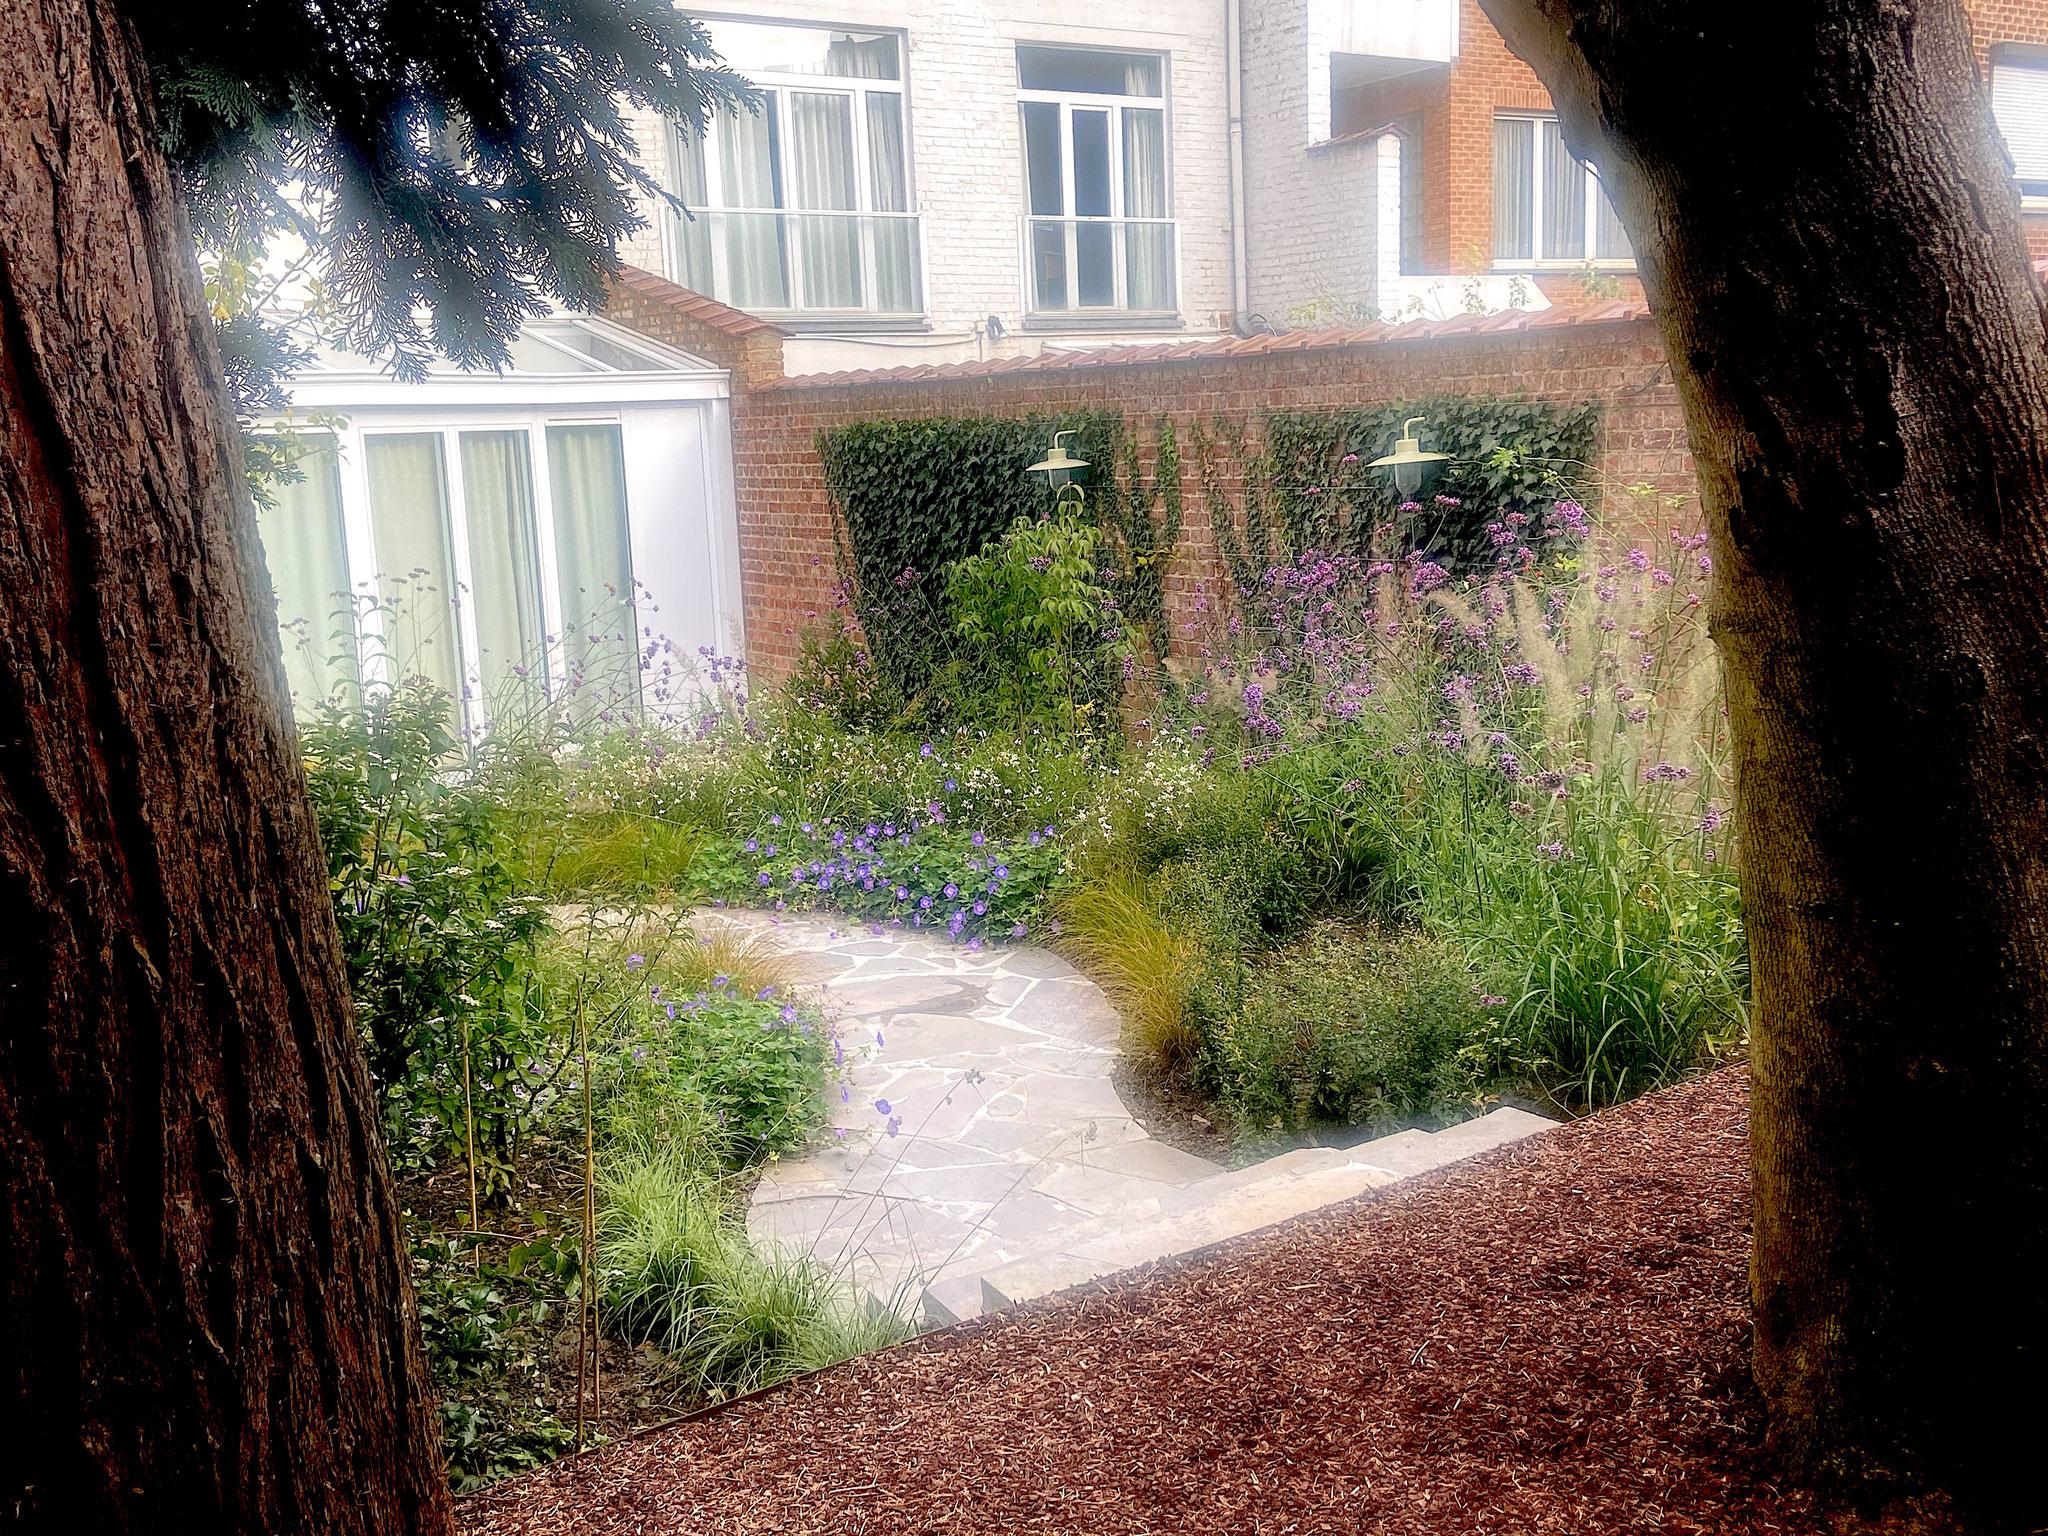 Jardin de ville 50m2 - Jardin naturaliste - Chemin en cassons de grès menant tà la terrasse avant. Aménagement Jardin Bruxelles